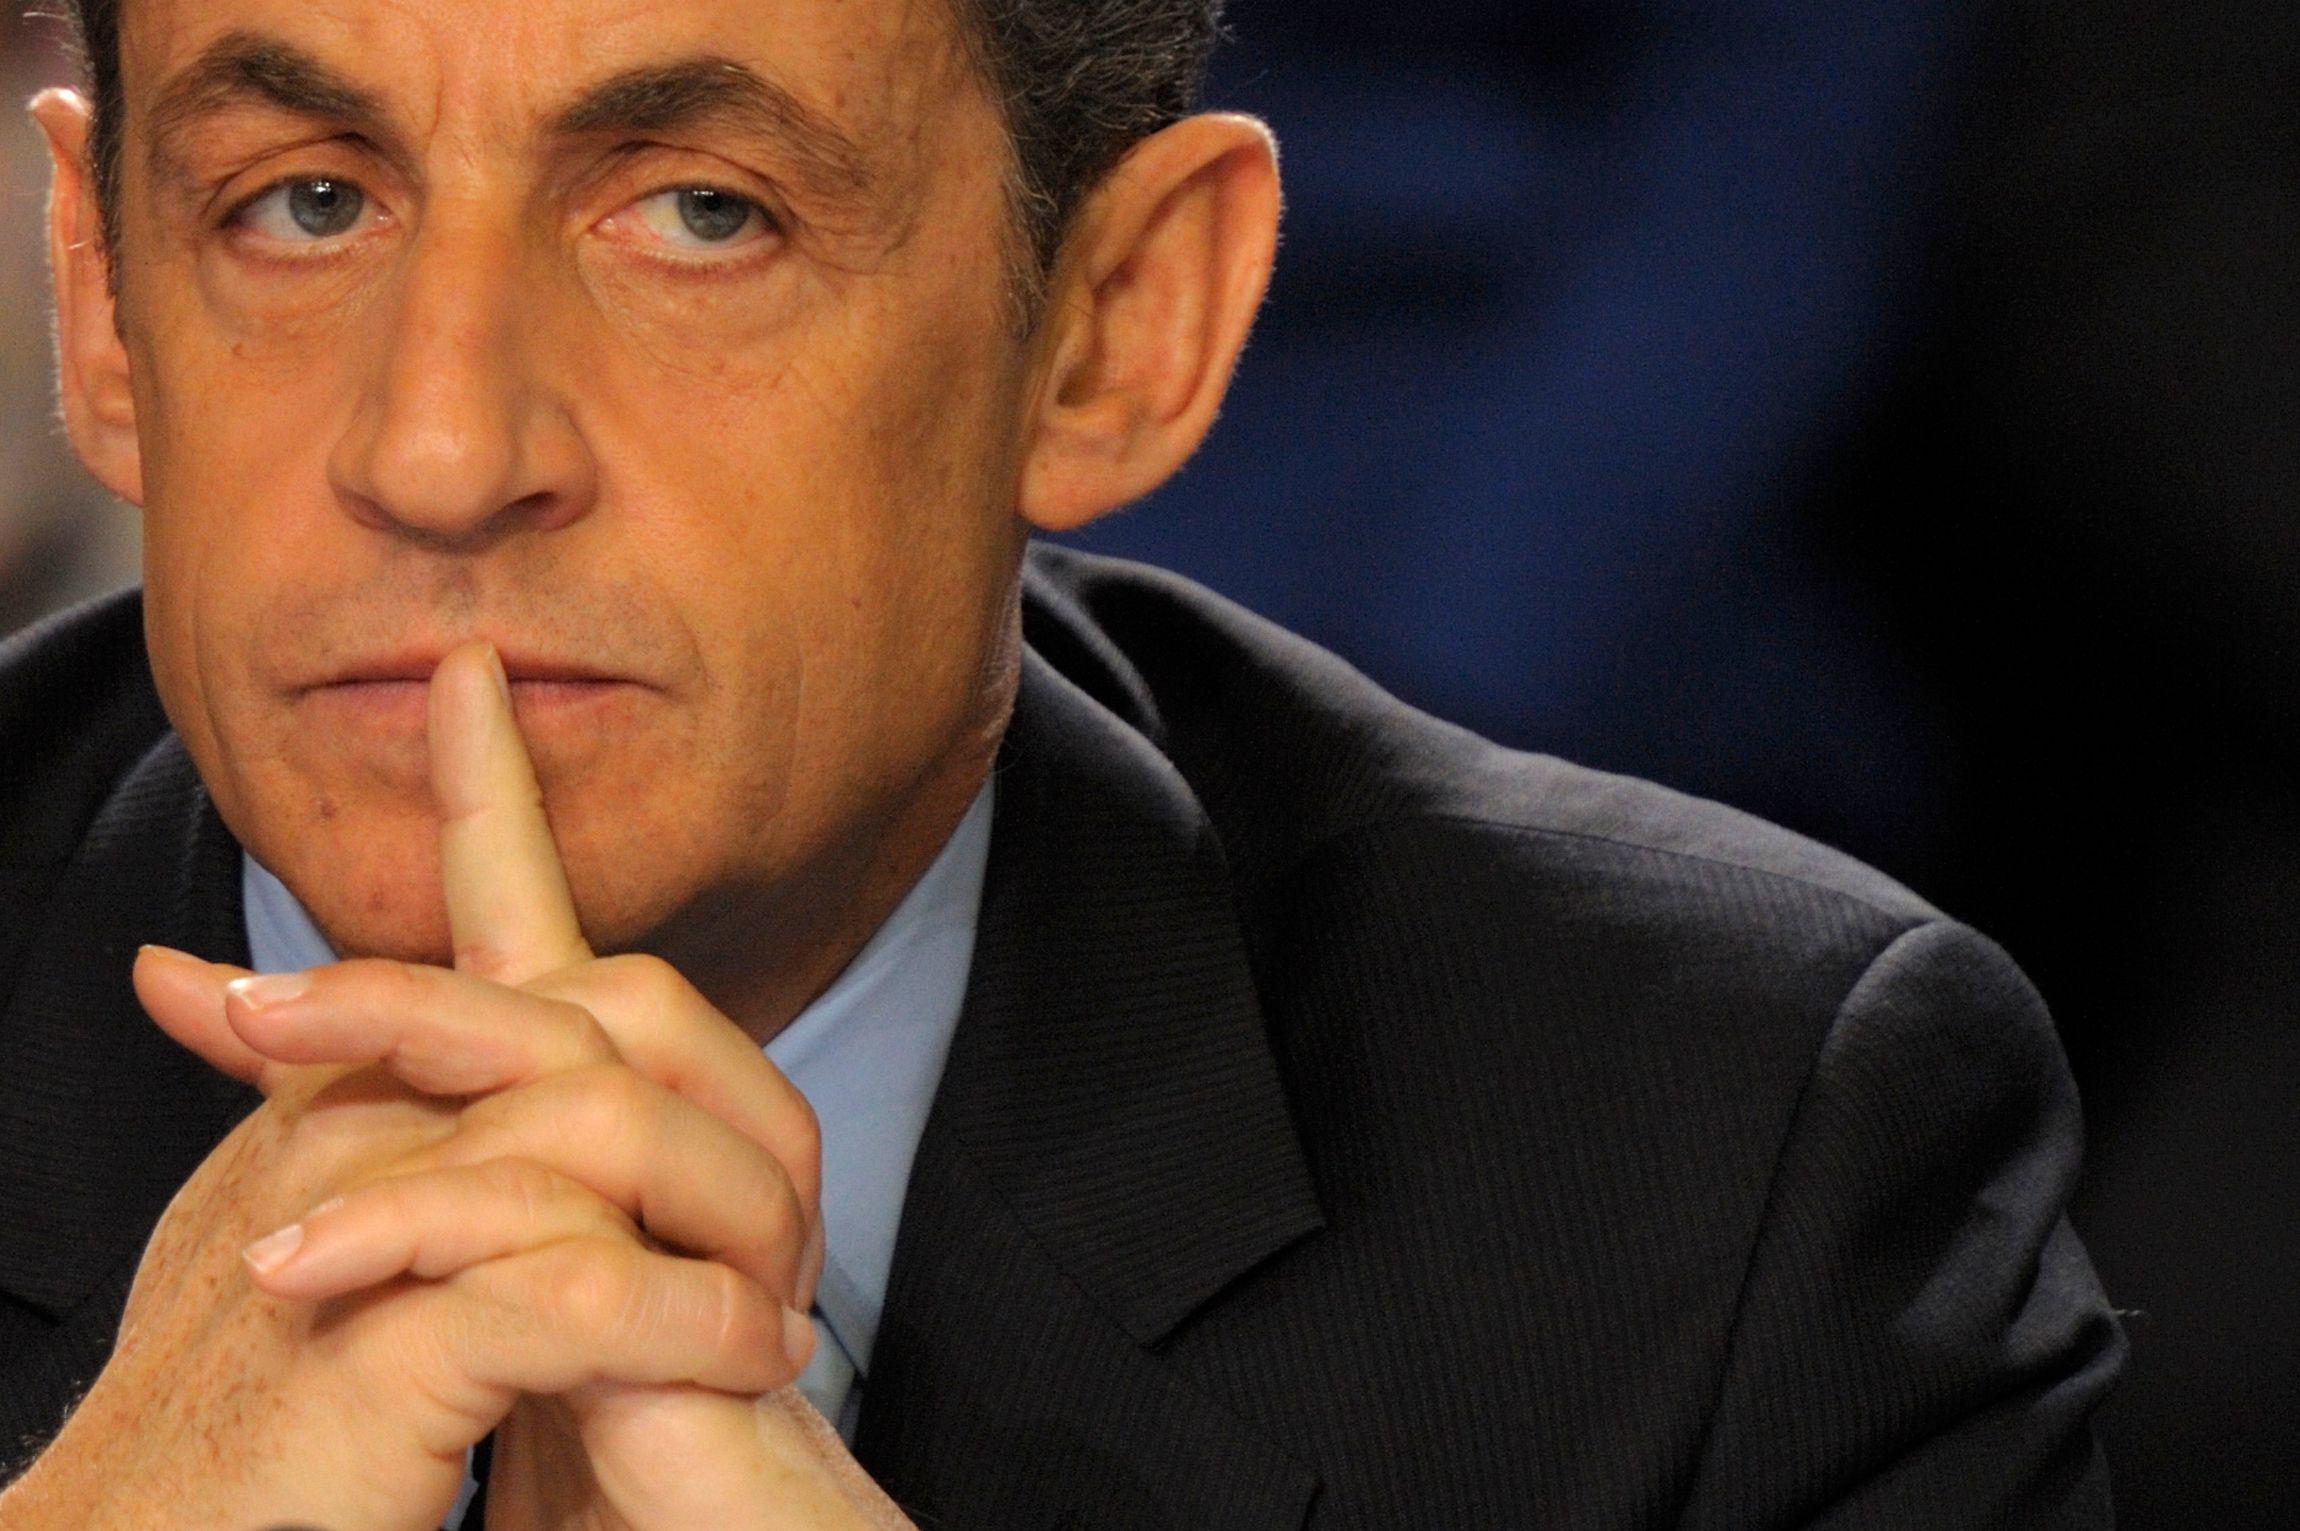 Nicolas Sarkozy recueille 38% des intentions de vote à la primaire qui doit désigner le candidat à l'élection présidentielle de 2017.